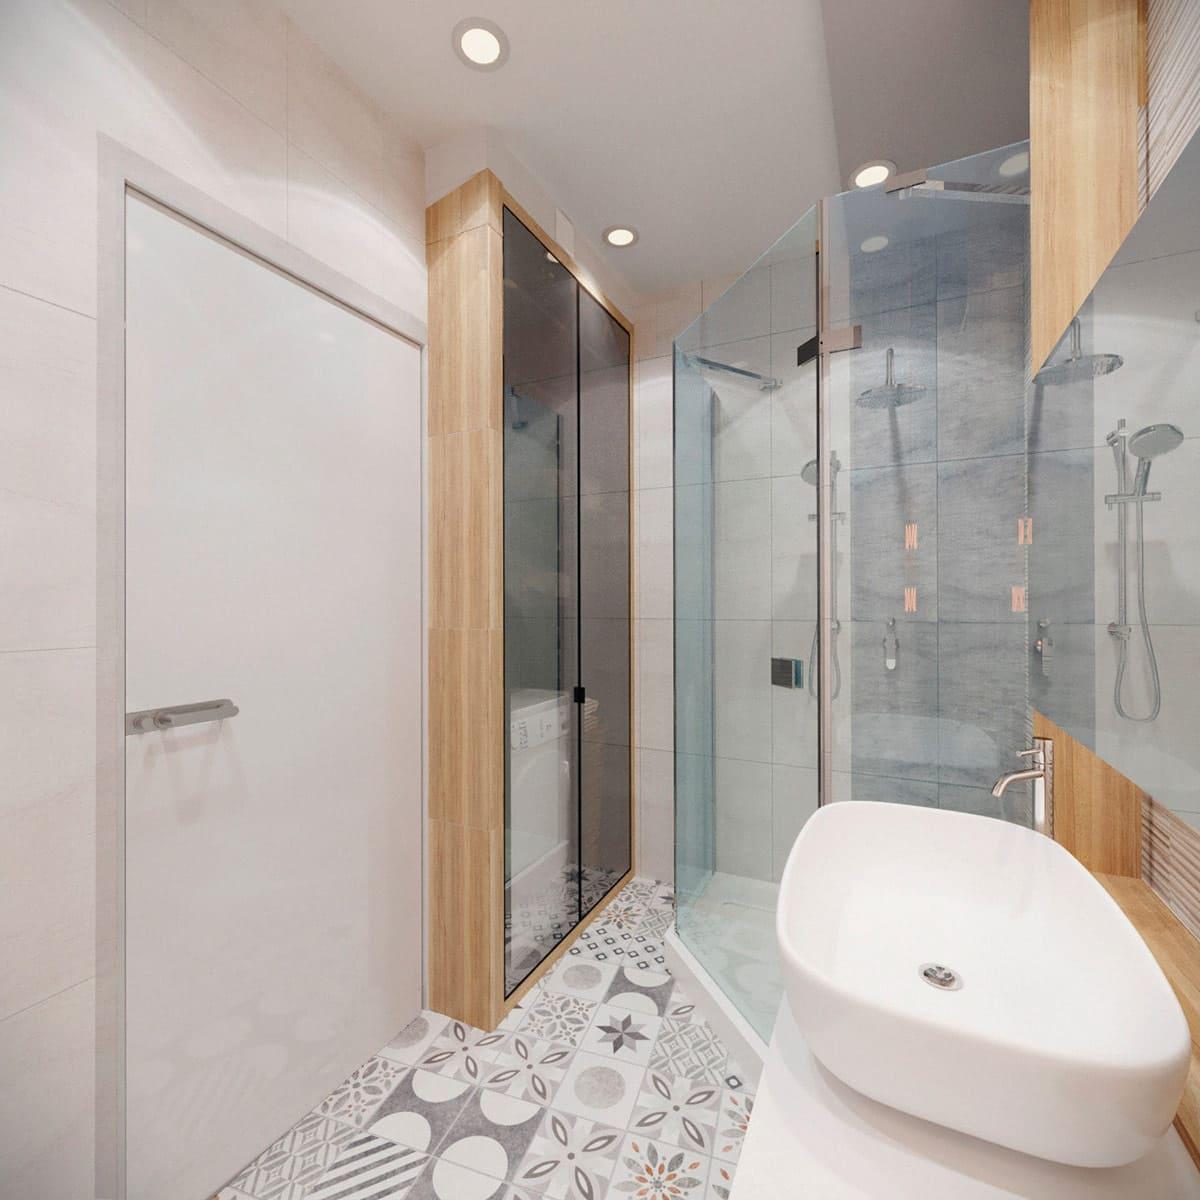 дизайн интерьера ванной комнаты фото 8